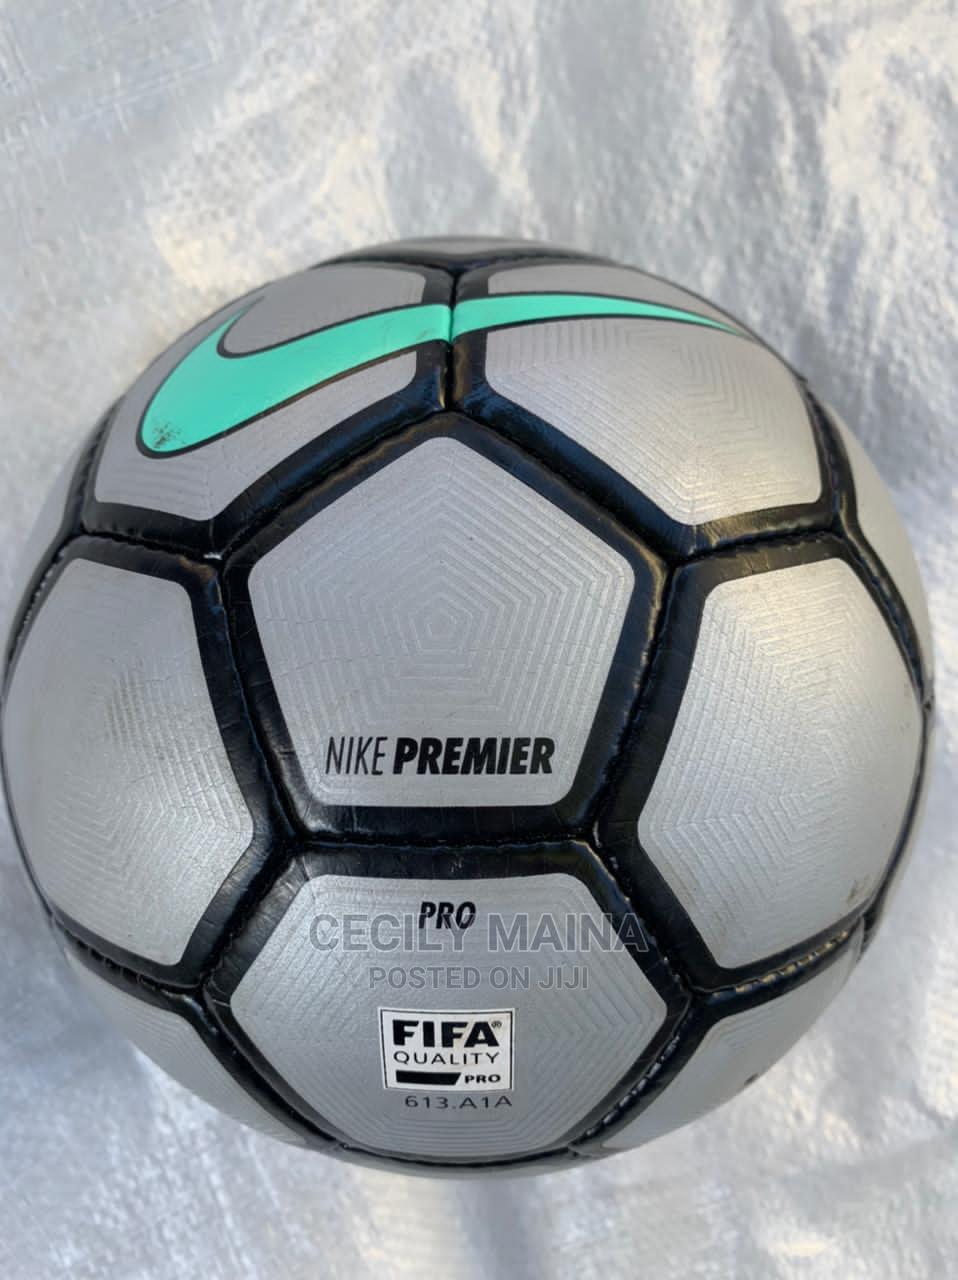 Ex Uk Soccer Mitre Balls